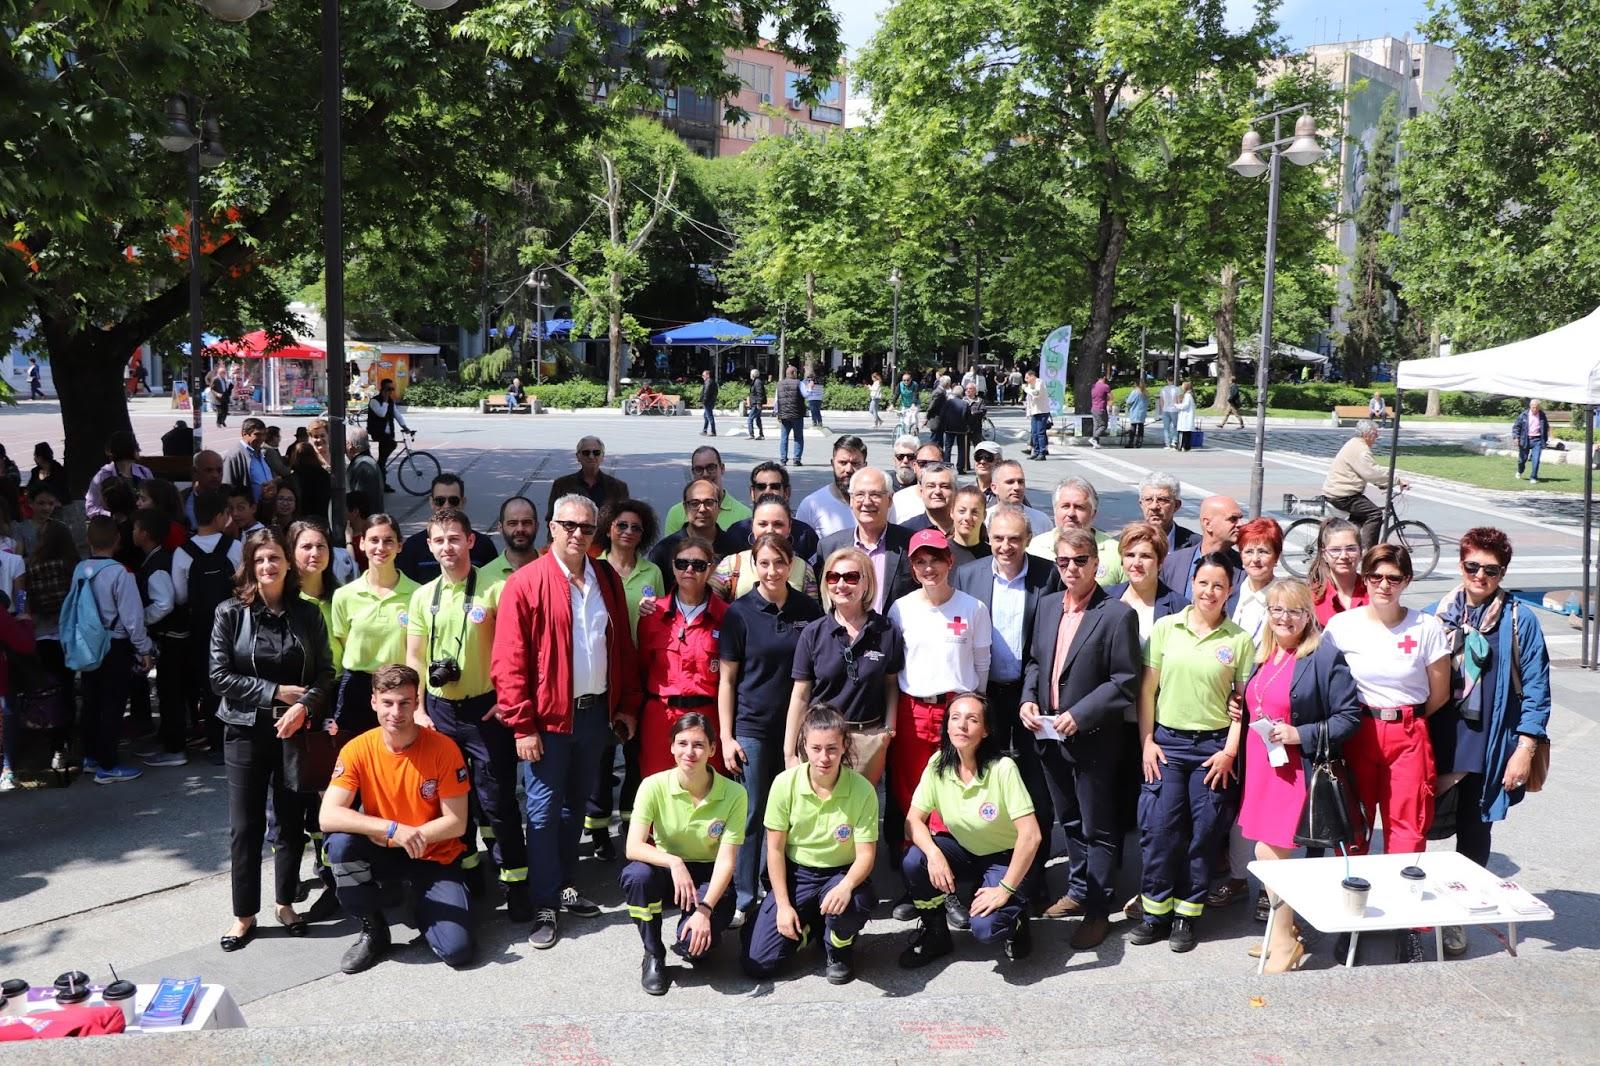 Ξεκίνησαν οι δράσεις ευαισθητοποίησης του Δήμου Λαρισαίων για την ΚΑΡΠΑ (ΦΩΤΟ)